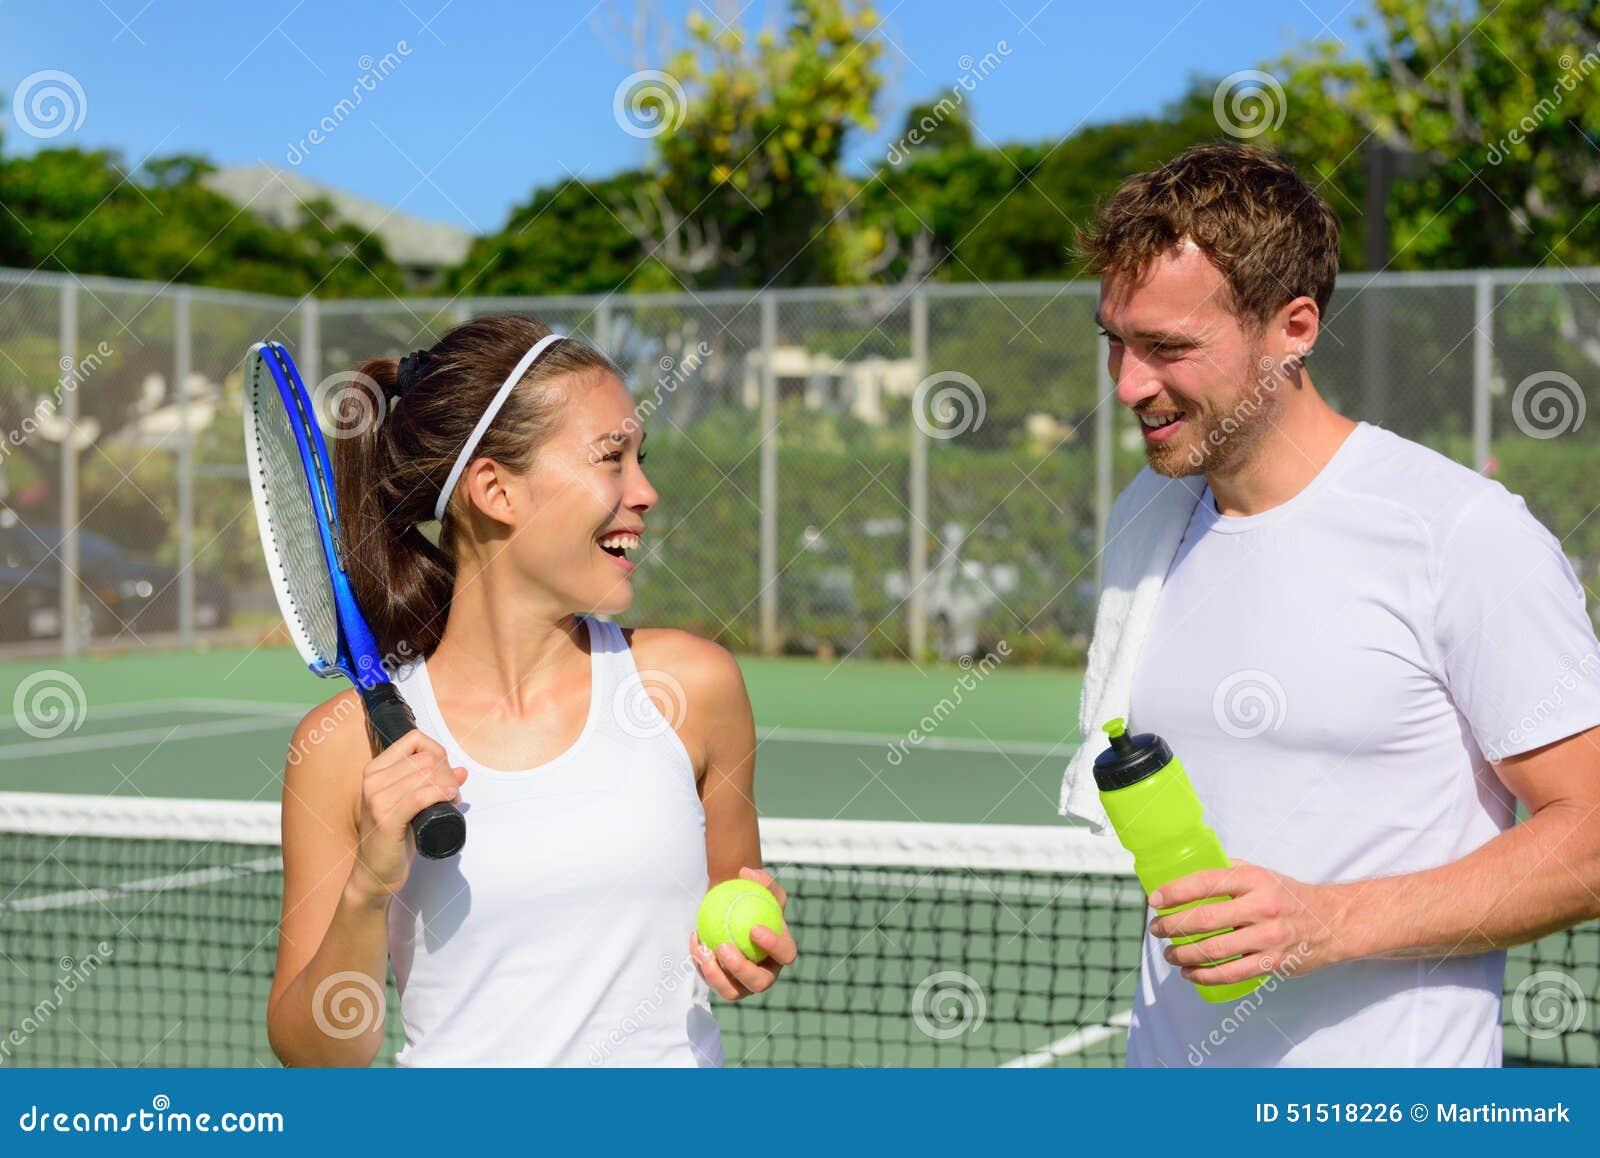 拳击网球-在打体育比赛以后放松结合外面在夏天室外网球场居住的a拳击真实网球2奎迪bug图片